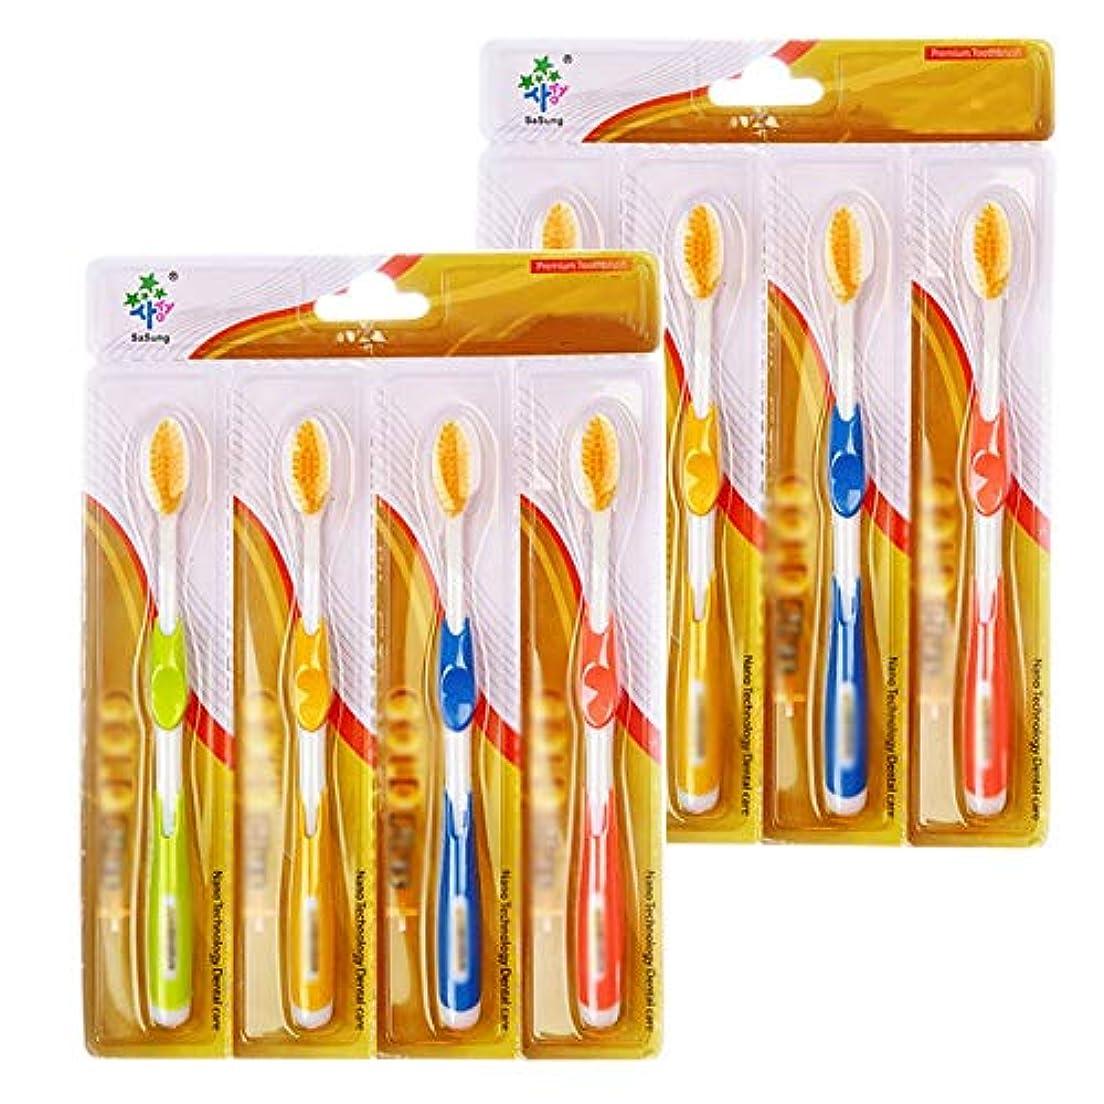 ナット鍔軽減歯ブラシ 8本のスティック大人歯ブラシ、竹炭歯ブラシ、オーラルフレッシュ歯ブラシに貢献する - 使用可能なスタイルの2種類を HL (色 : A, サイズ : 8 packs)